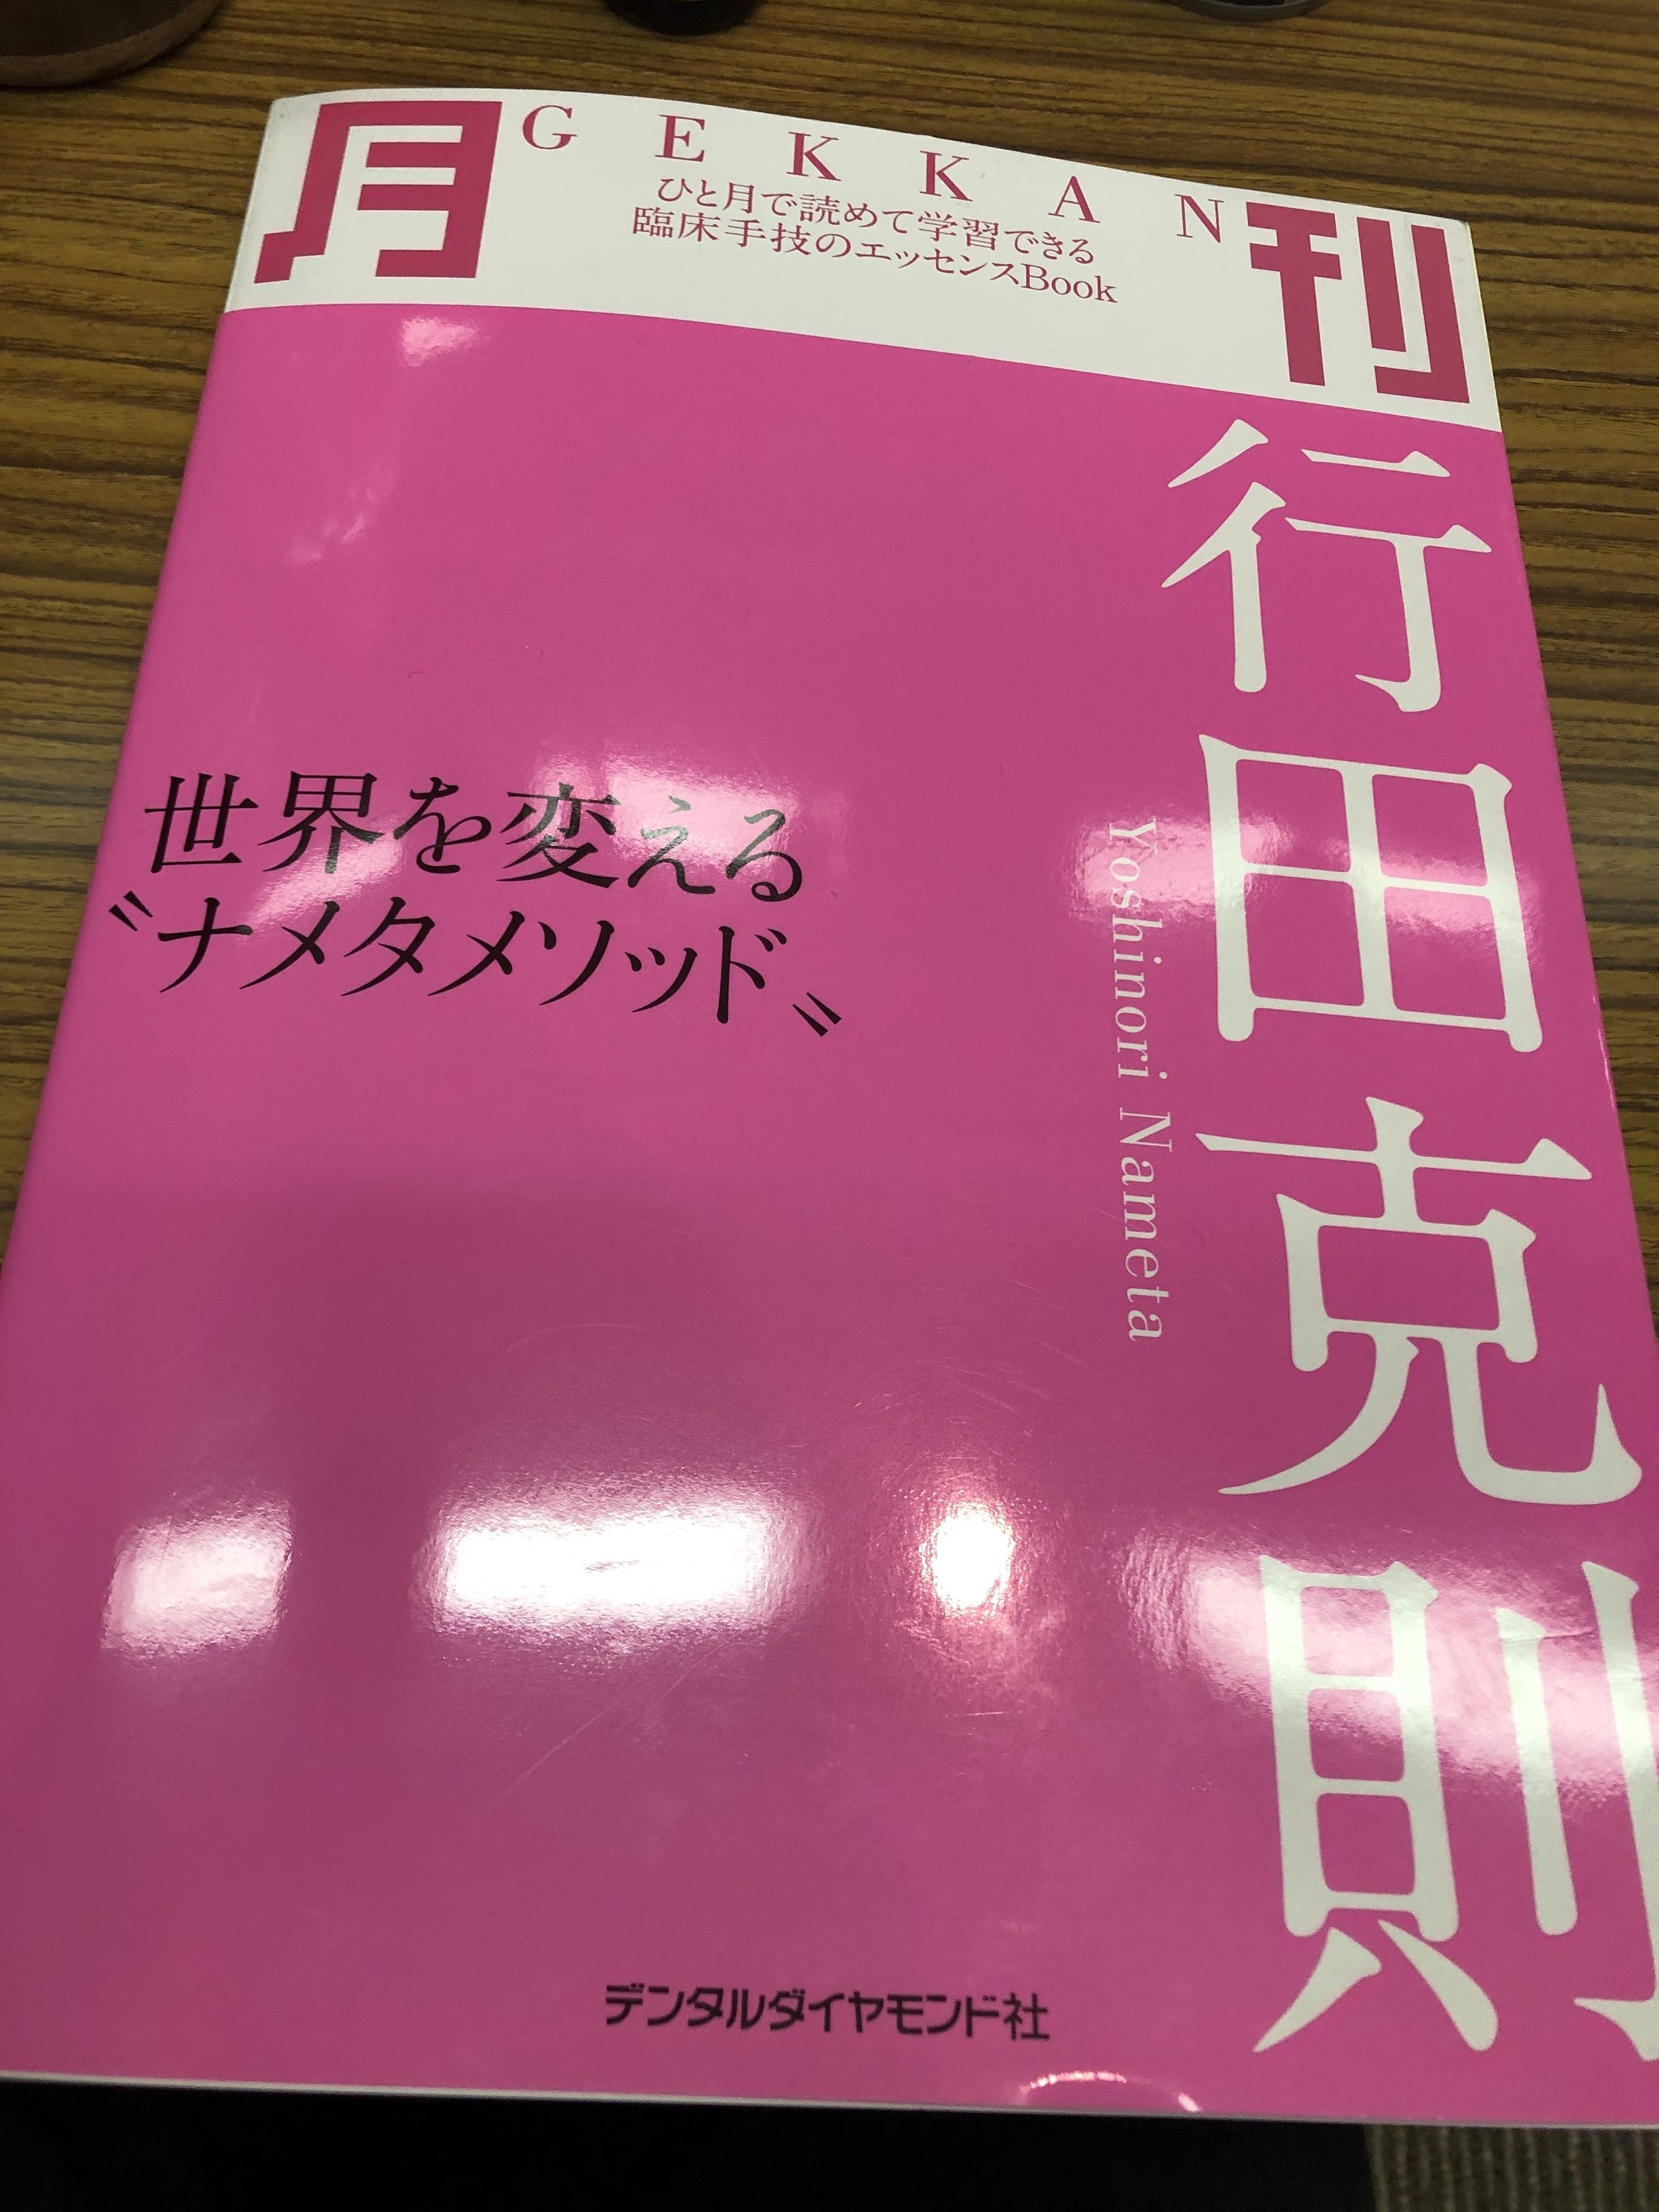 行田先生の著書